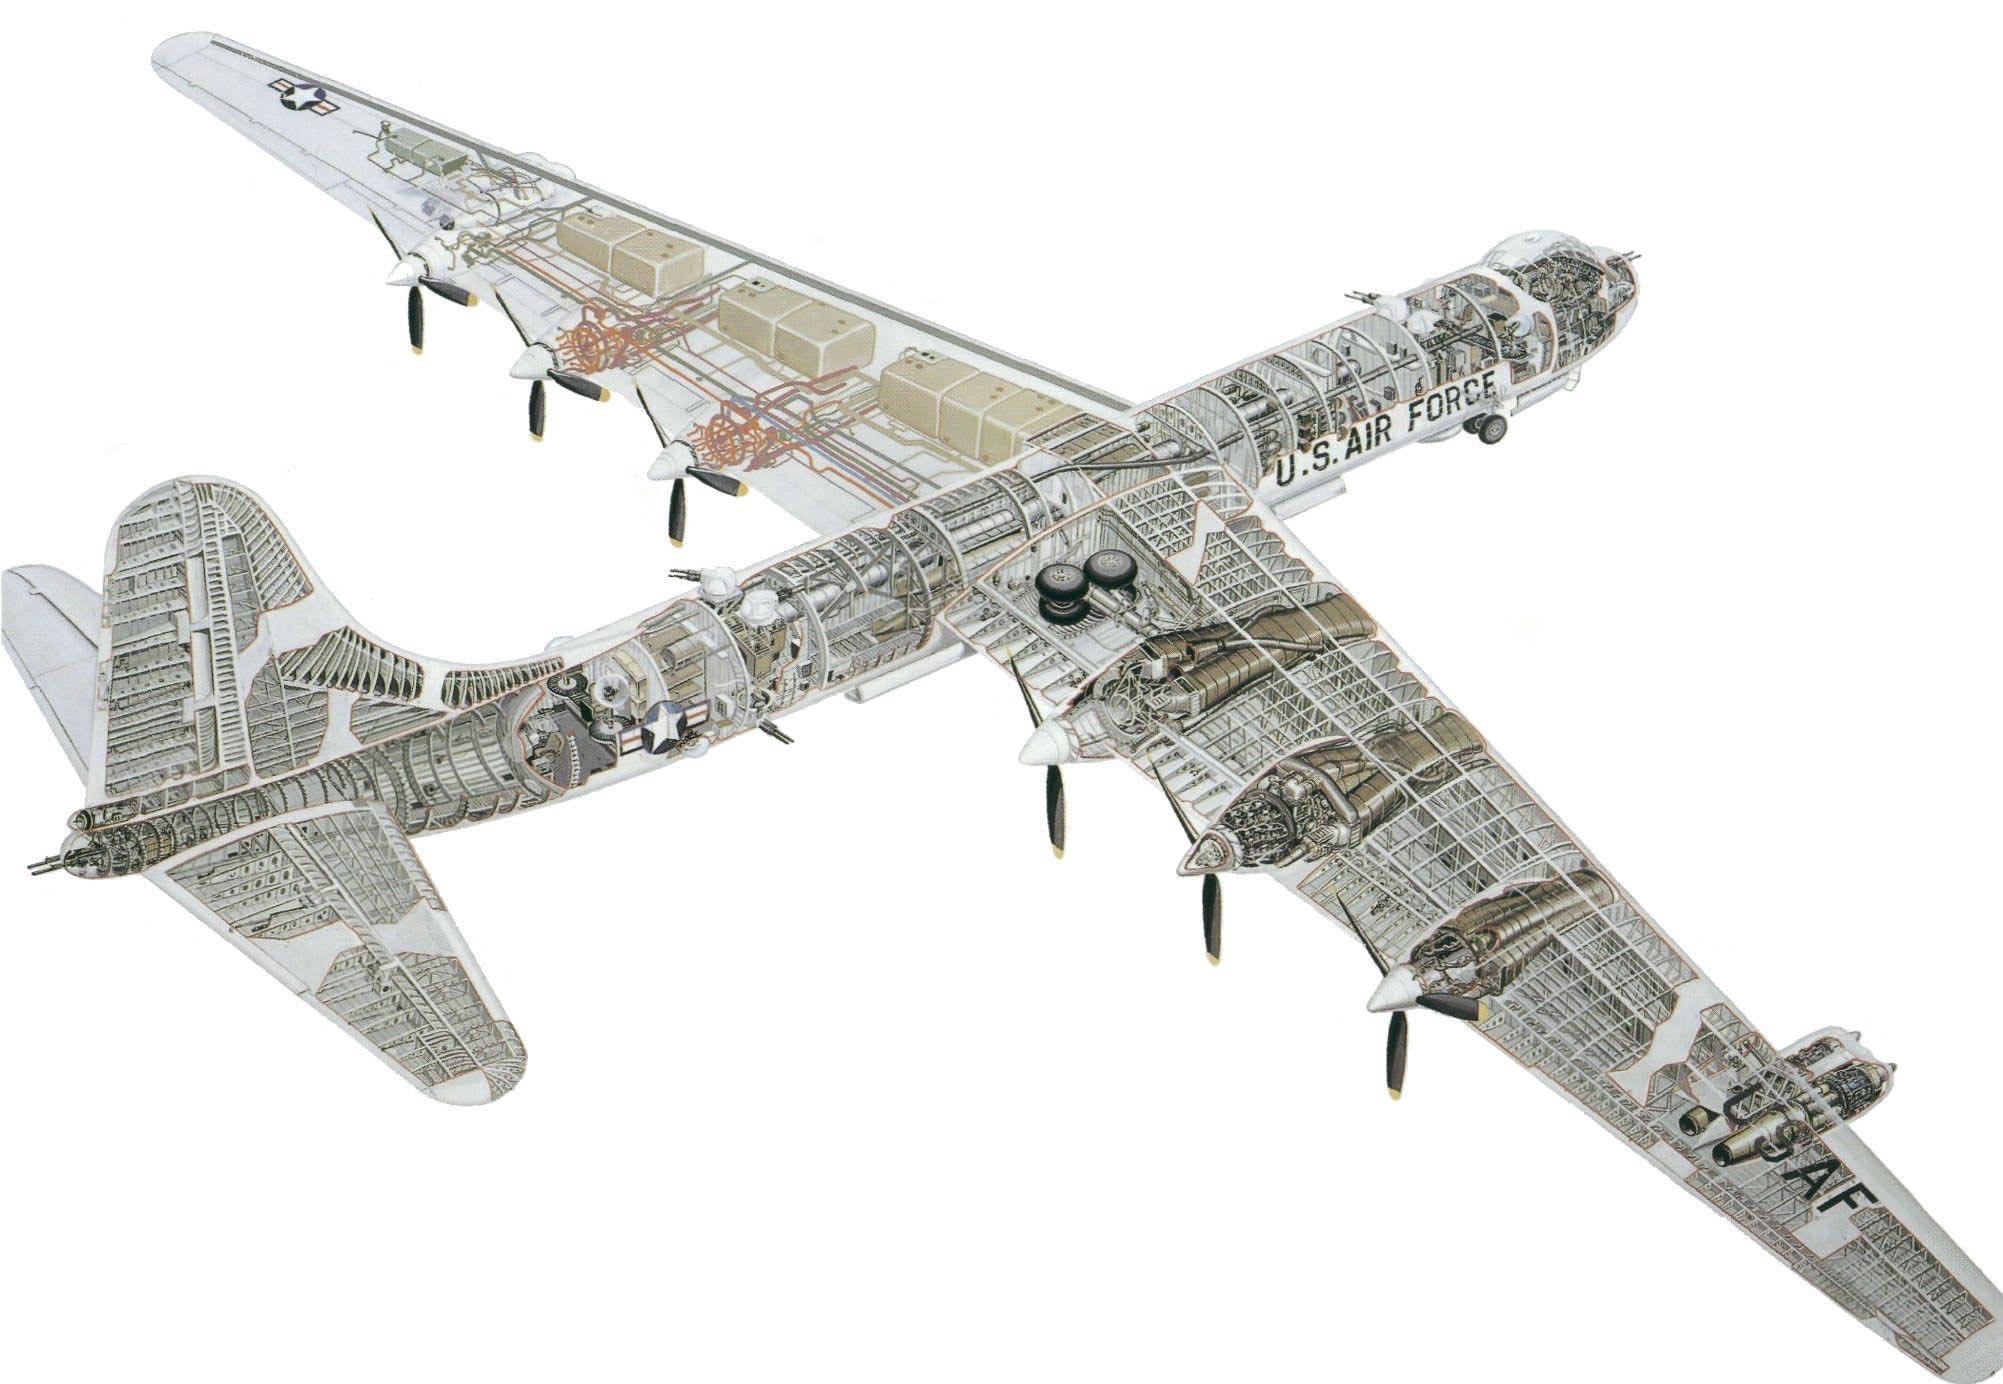 Convair B-36 Peacemaker cutaway